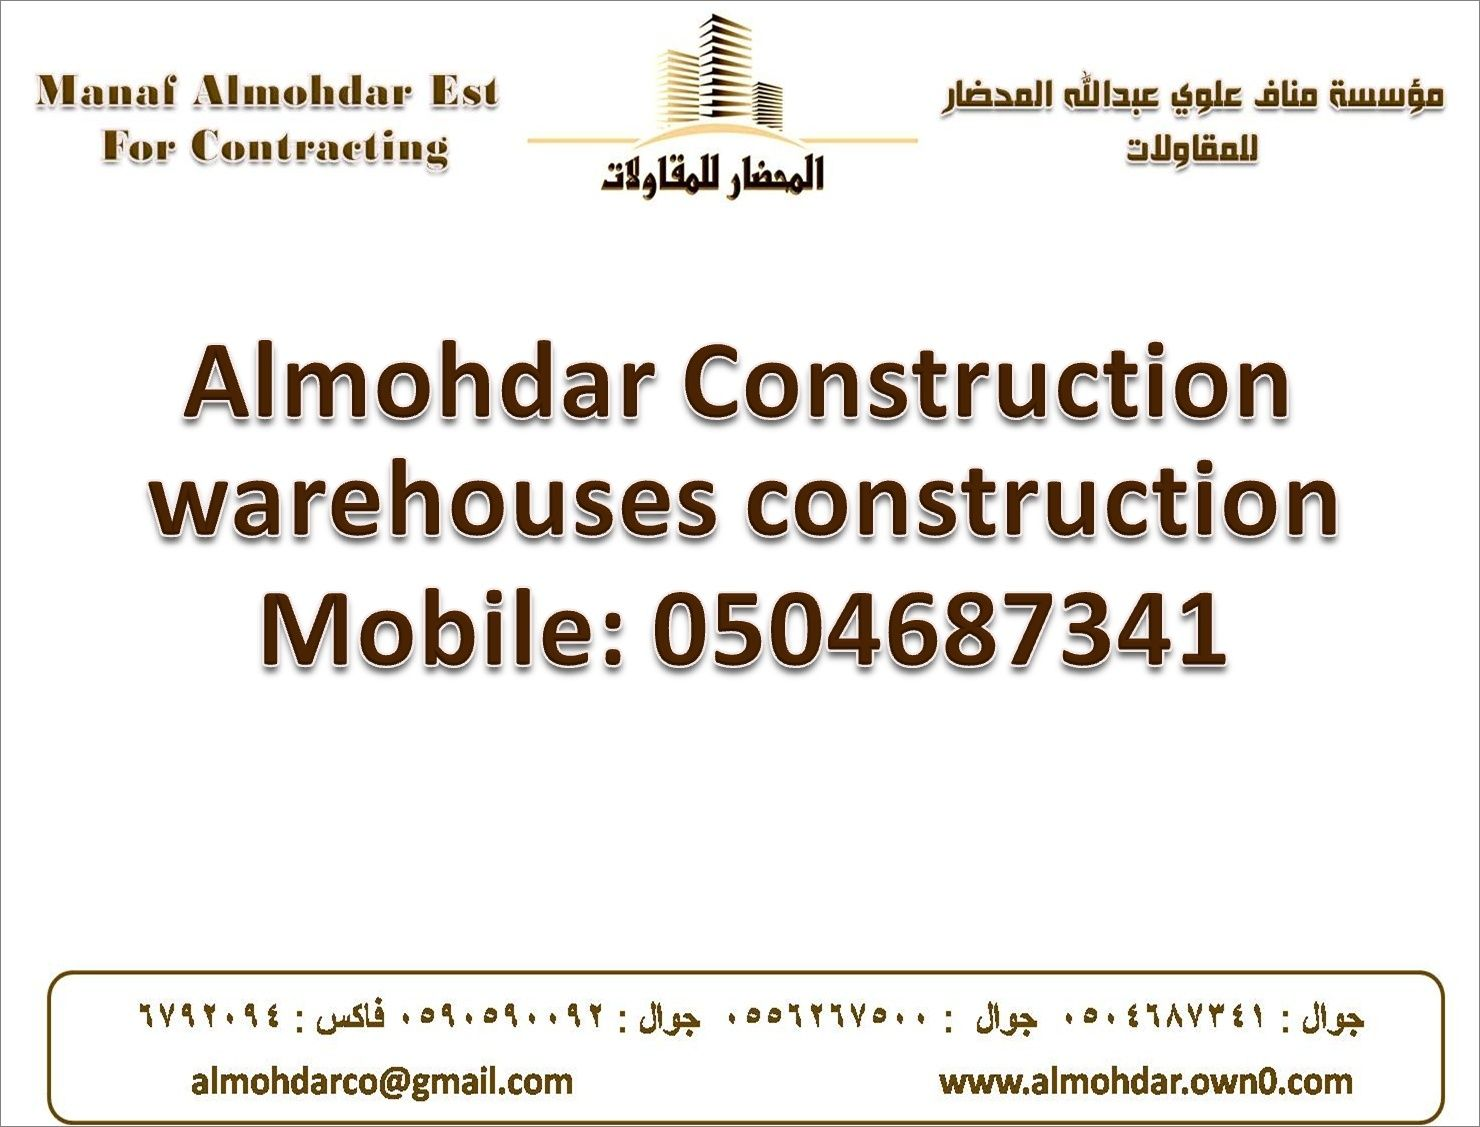 هناجر المستودعات المصانع المعارض المراكز التجارية ومراكز الصيانة Almohd10